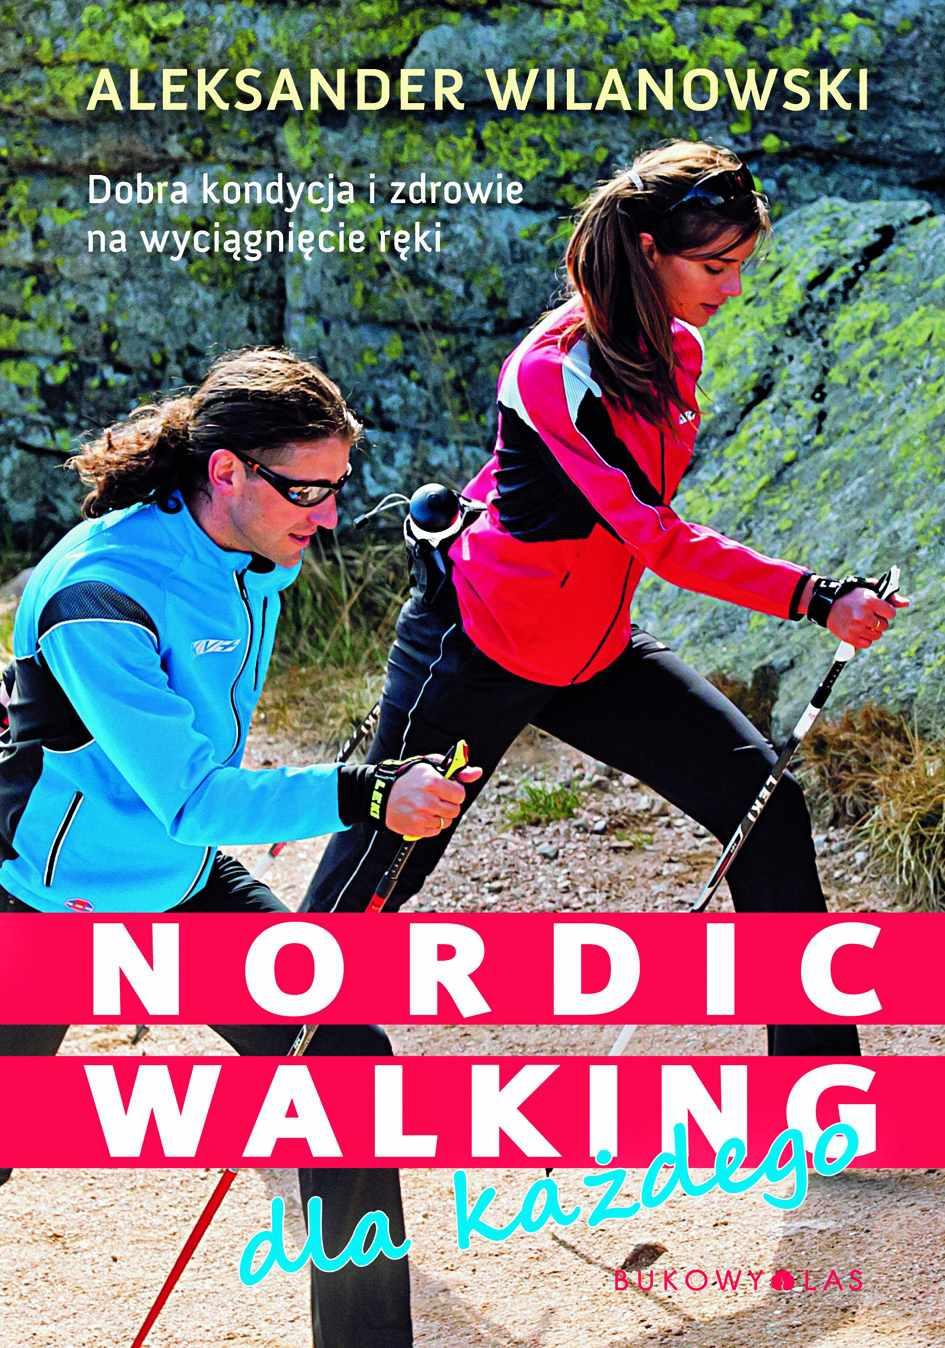 Nordic walking dla każdego - Ebook (Książka EPUB) do pobrania w formacie EPUB